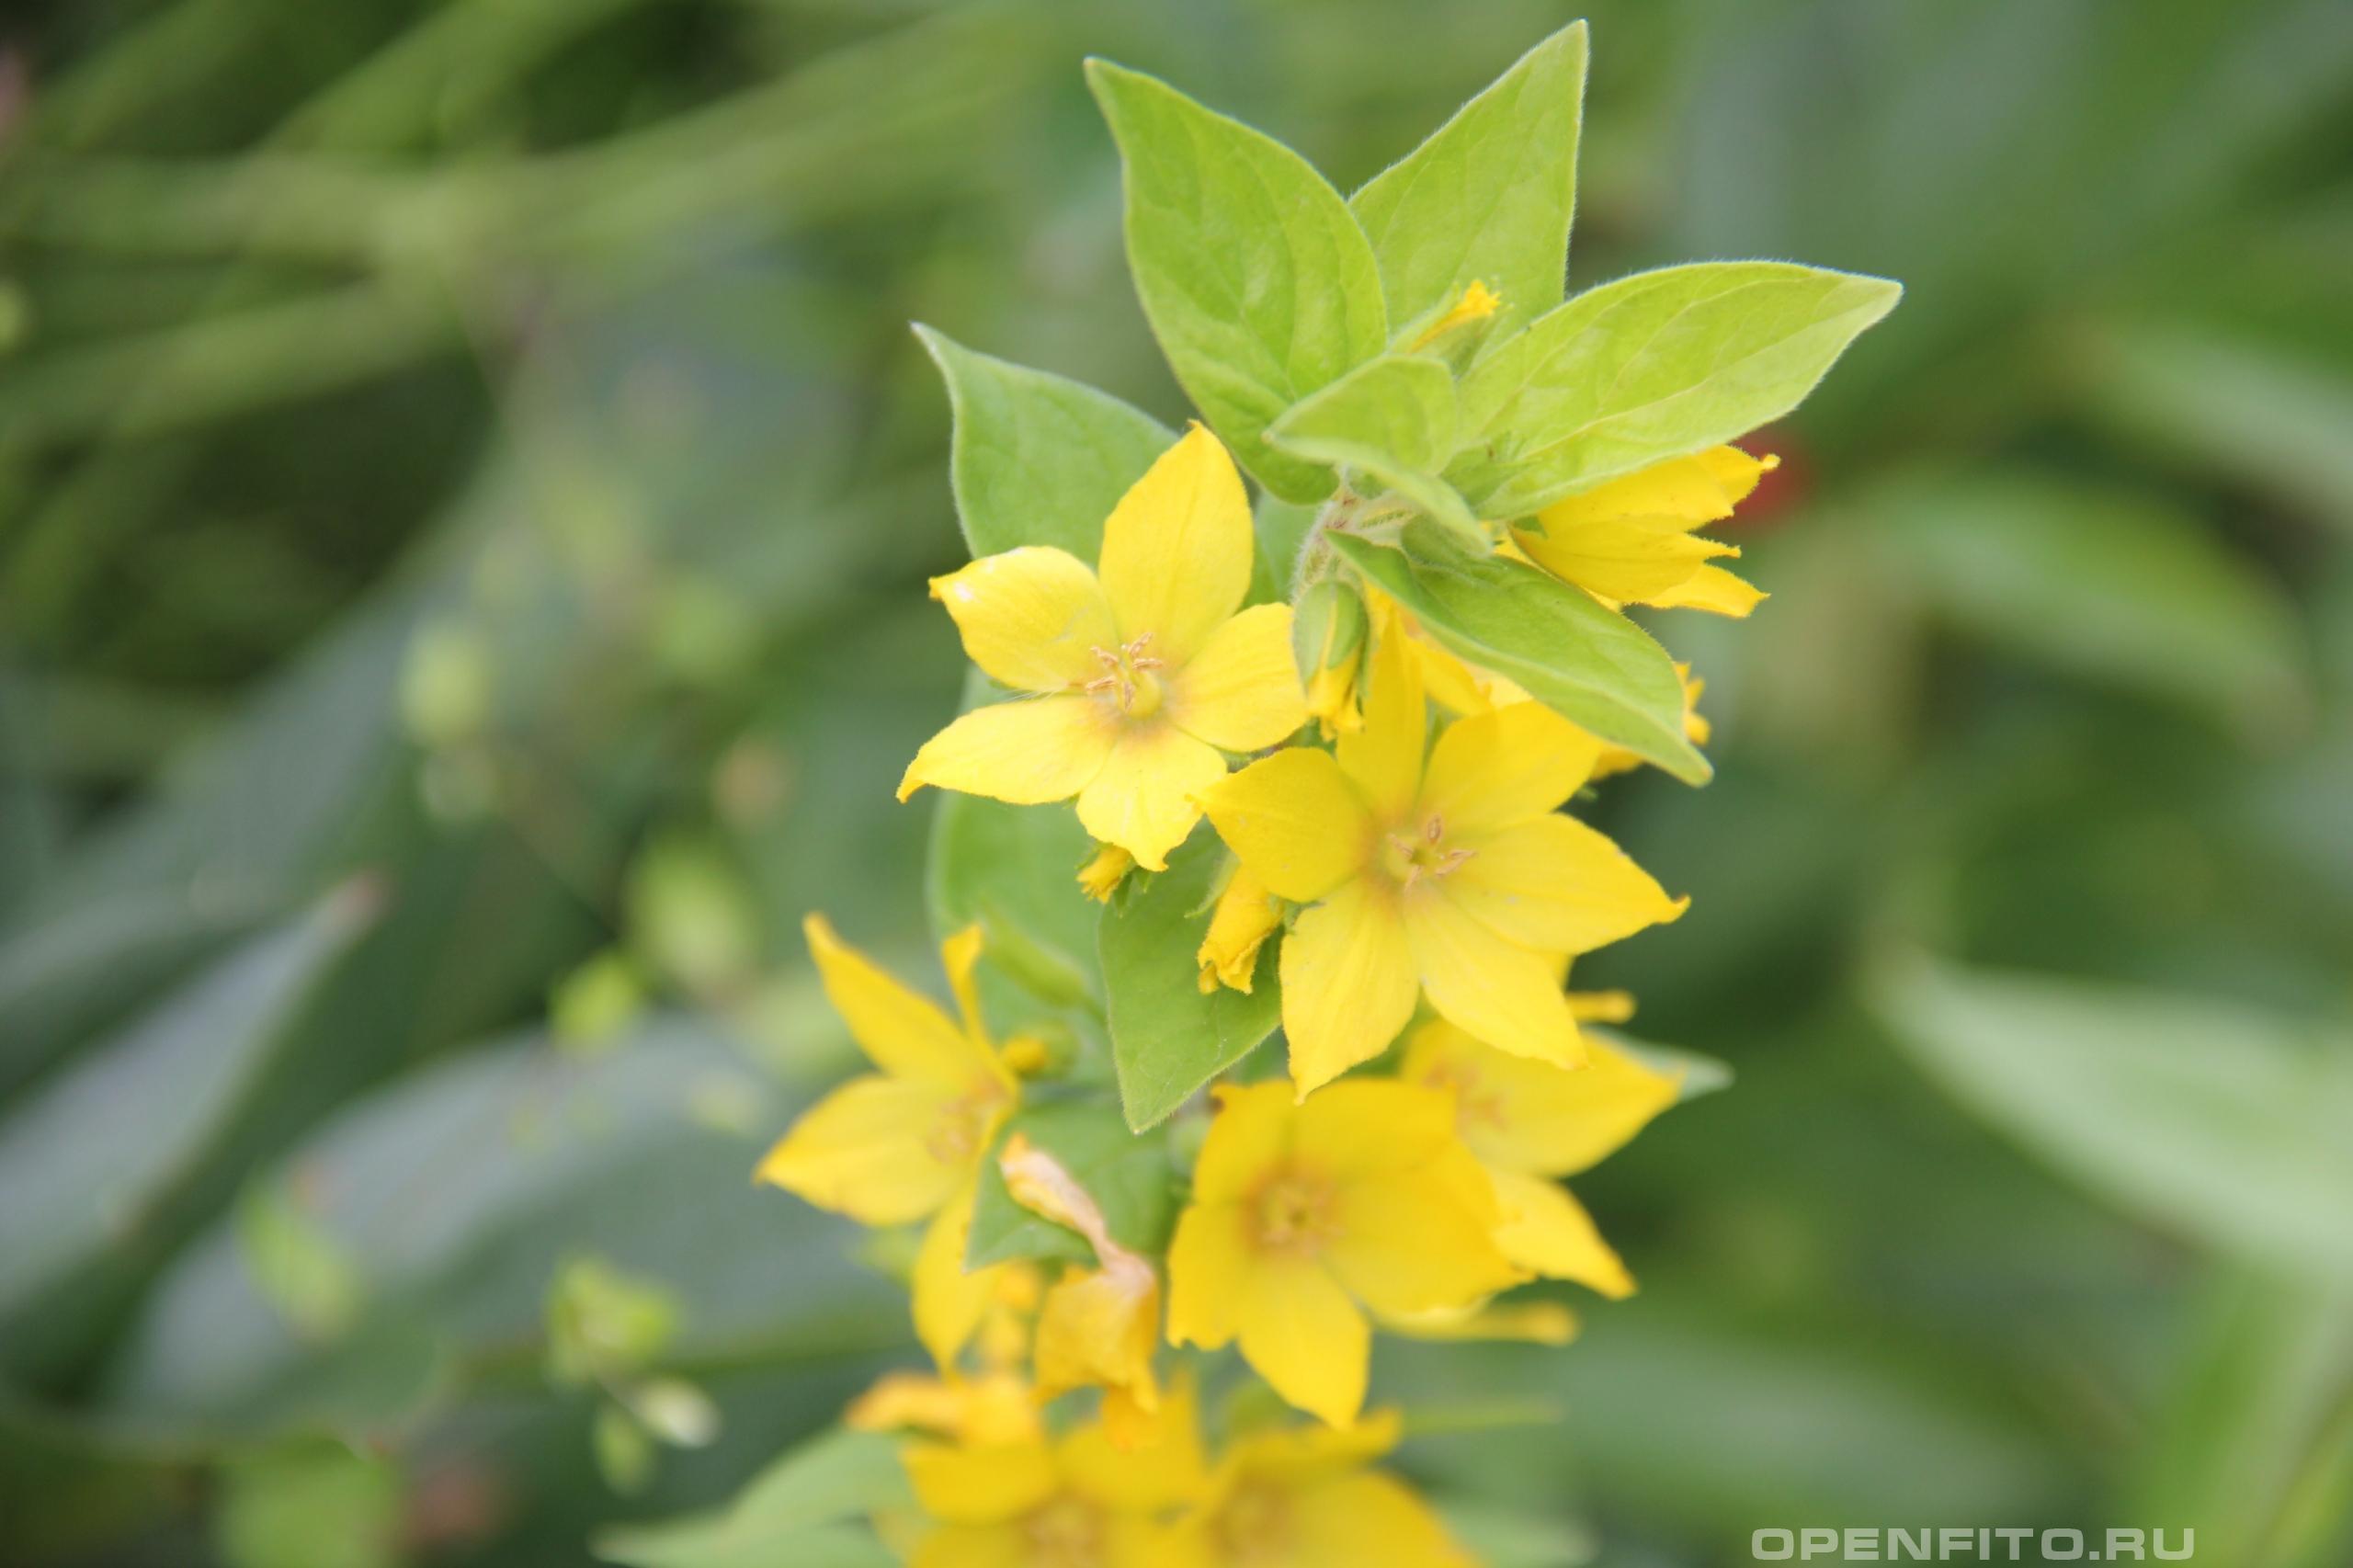 Вербейник мутовчатый красивое растение которое иногда высаживают в садах и огородах как цветок